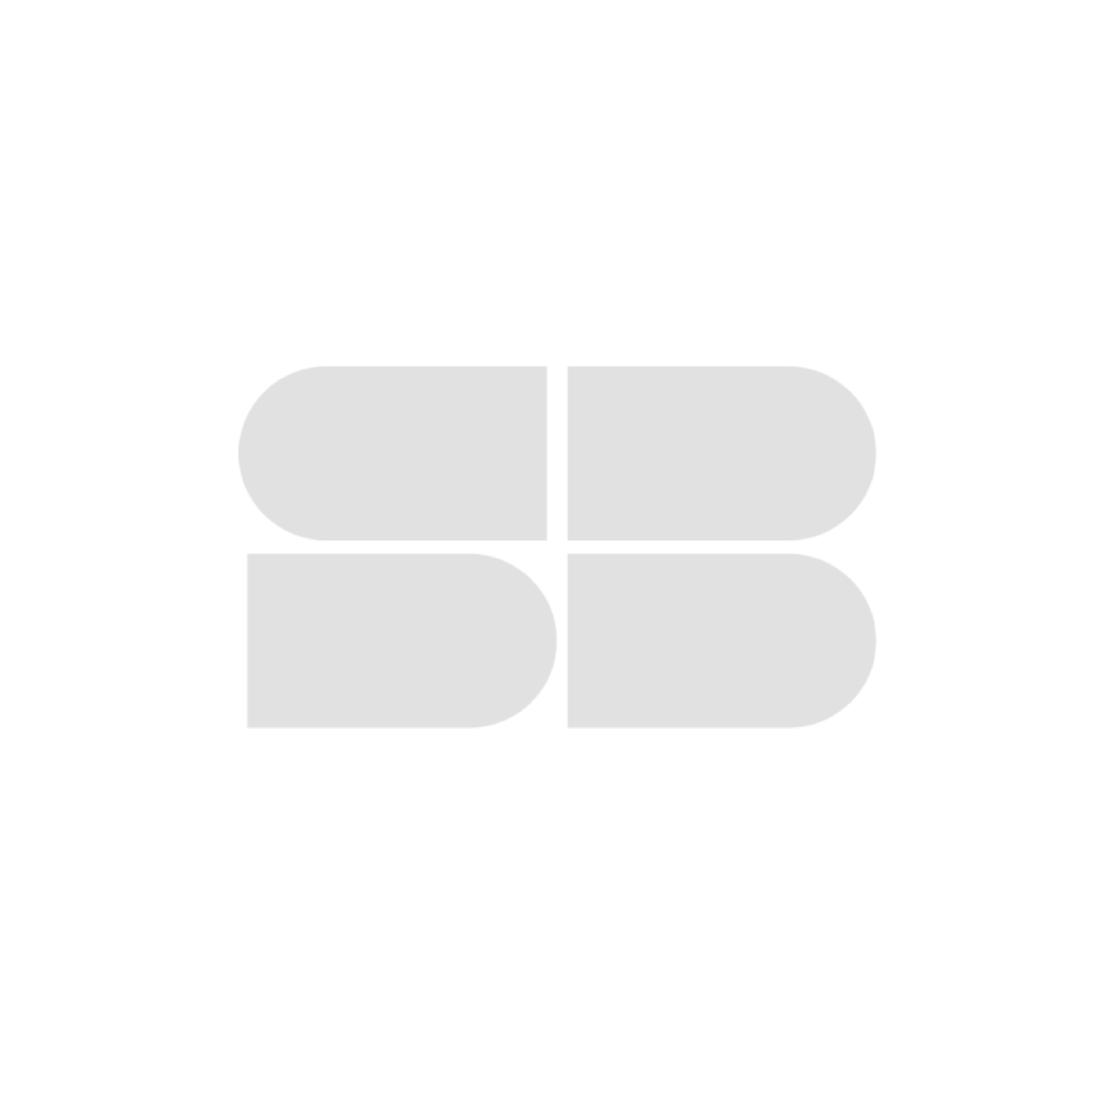 39013166-mattress-bedding-mattresses-spring-mattresses-31